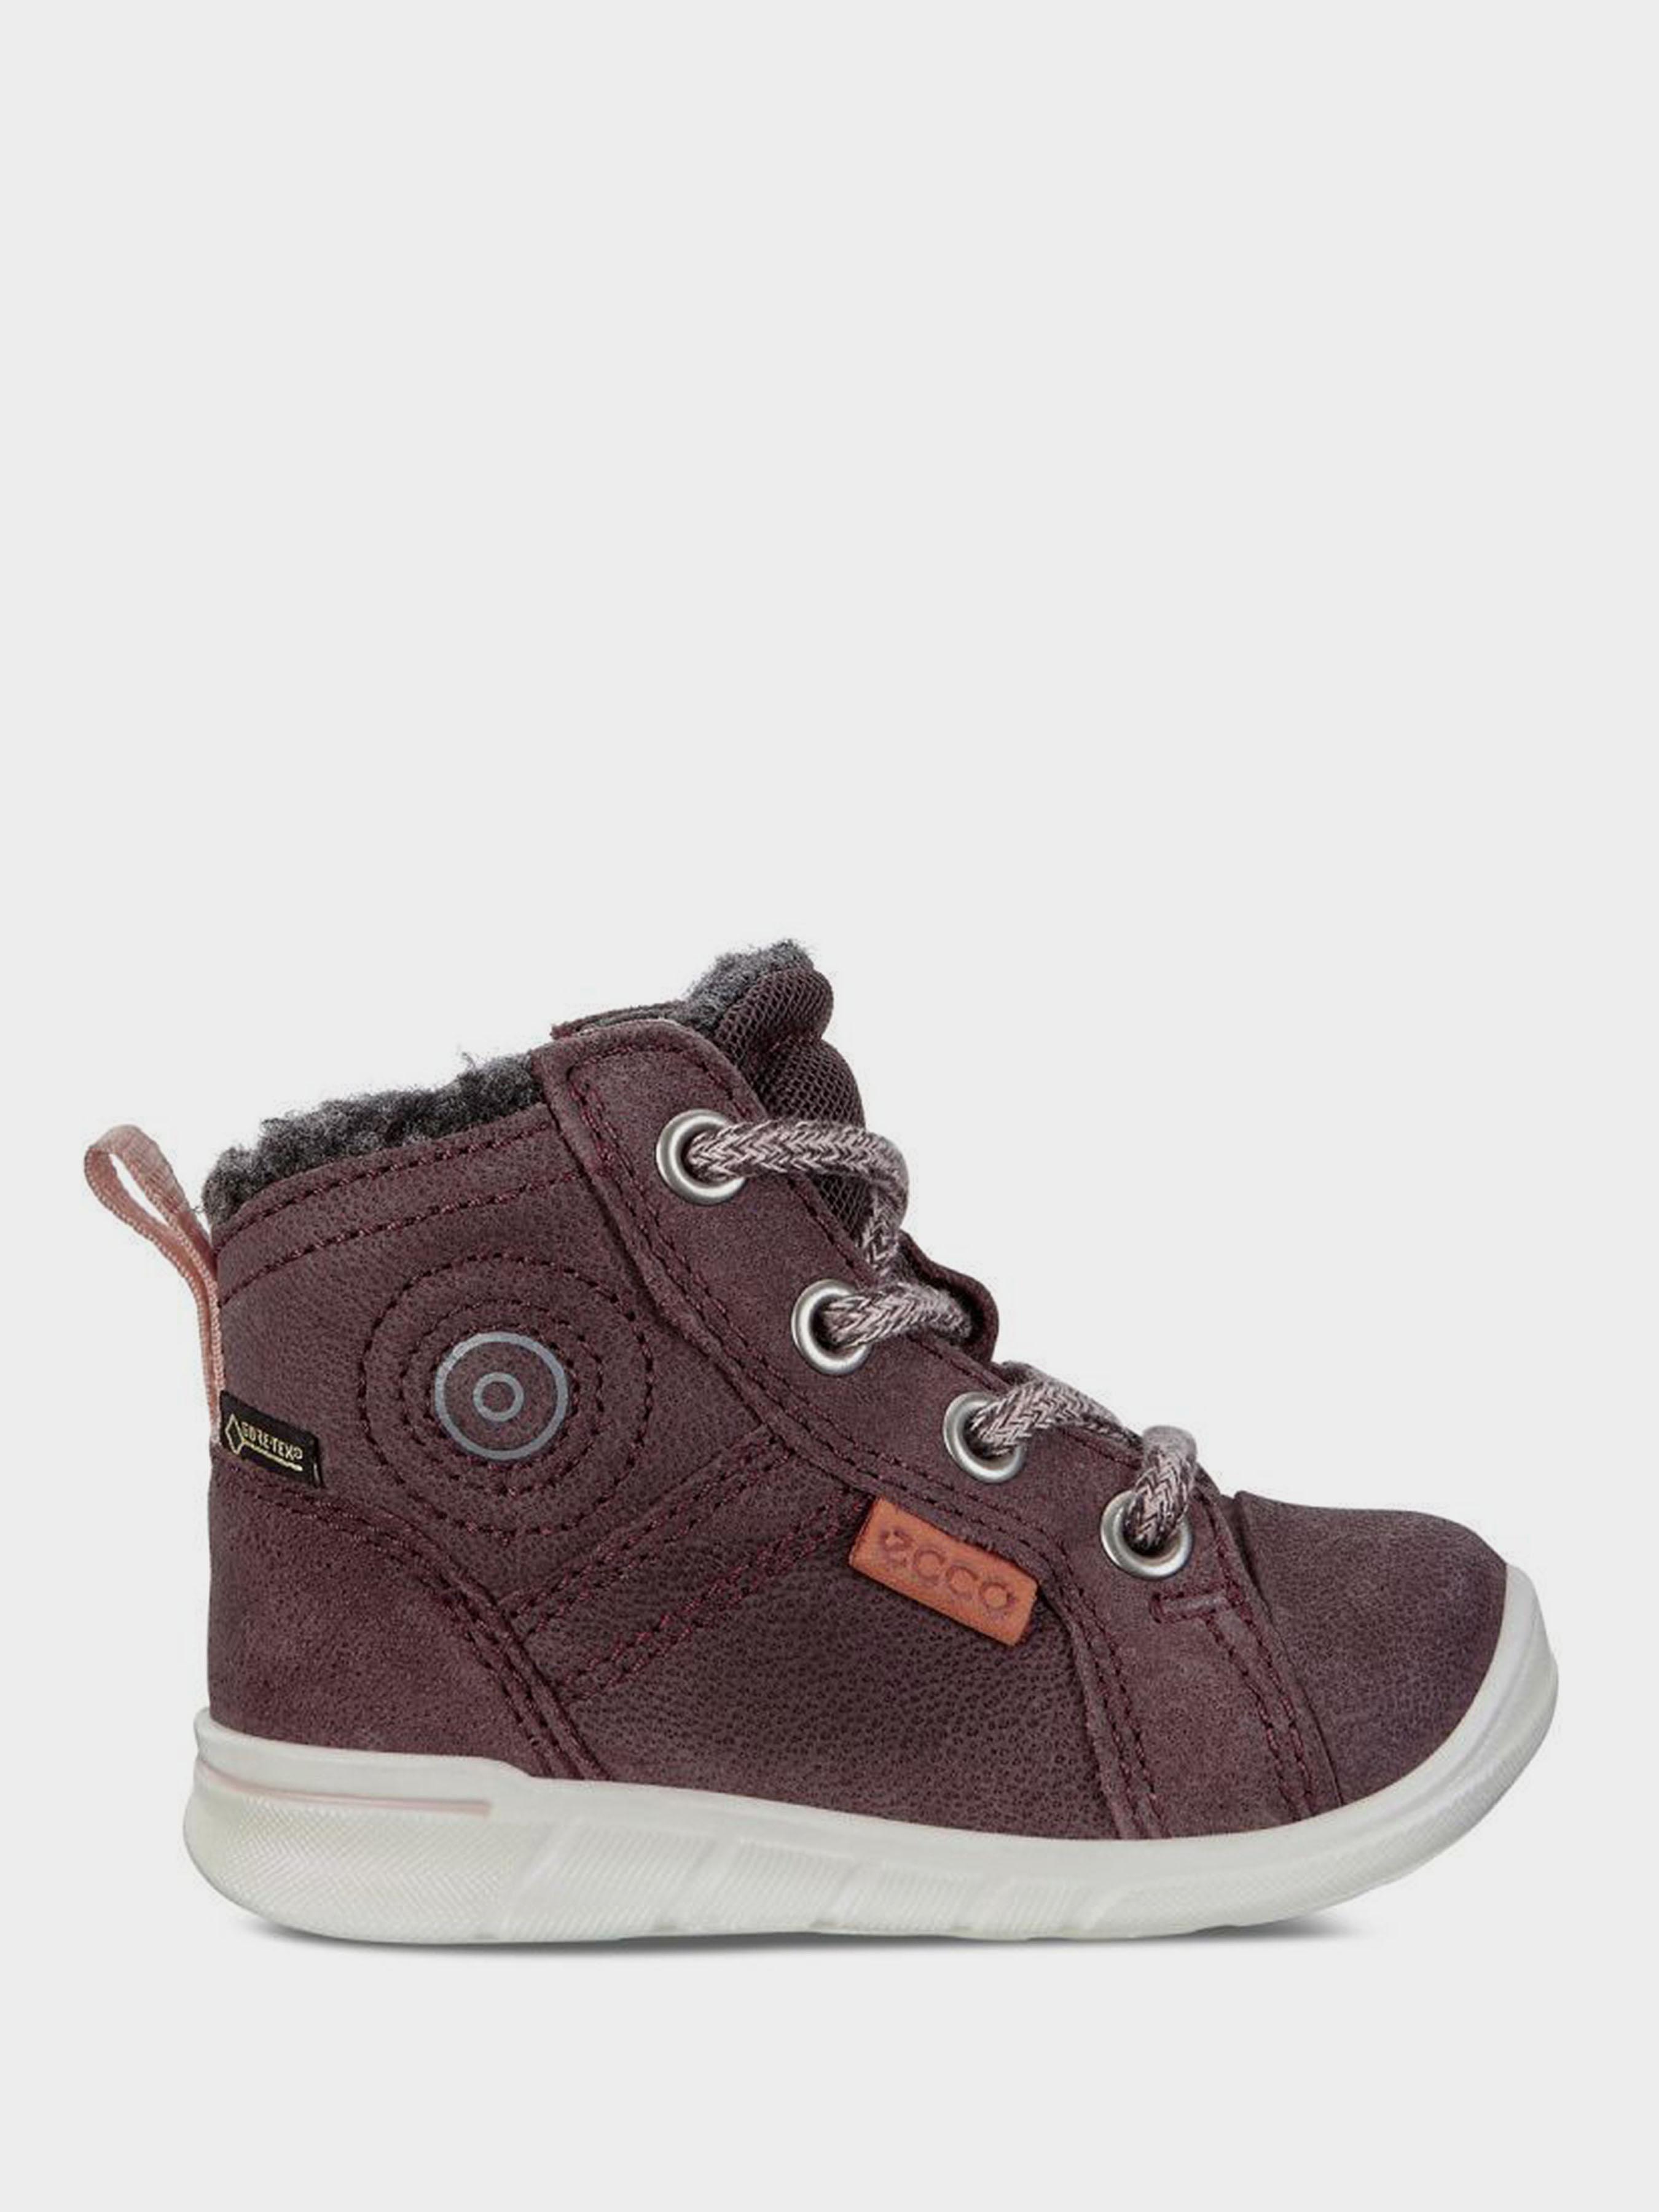 Купить Ботинки для детей ECCO FIRST ZK3319, Коричневый